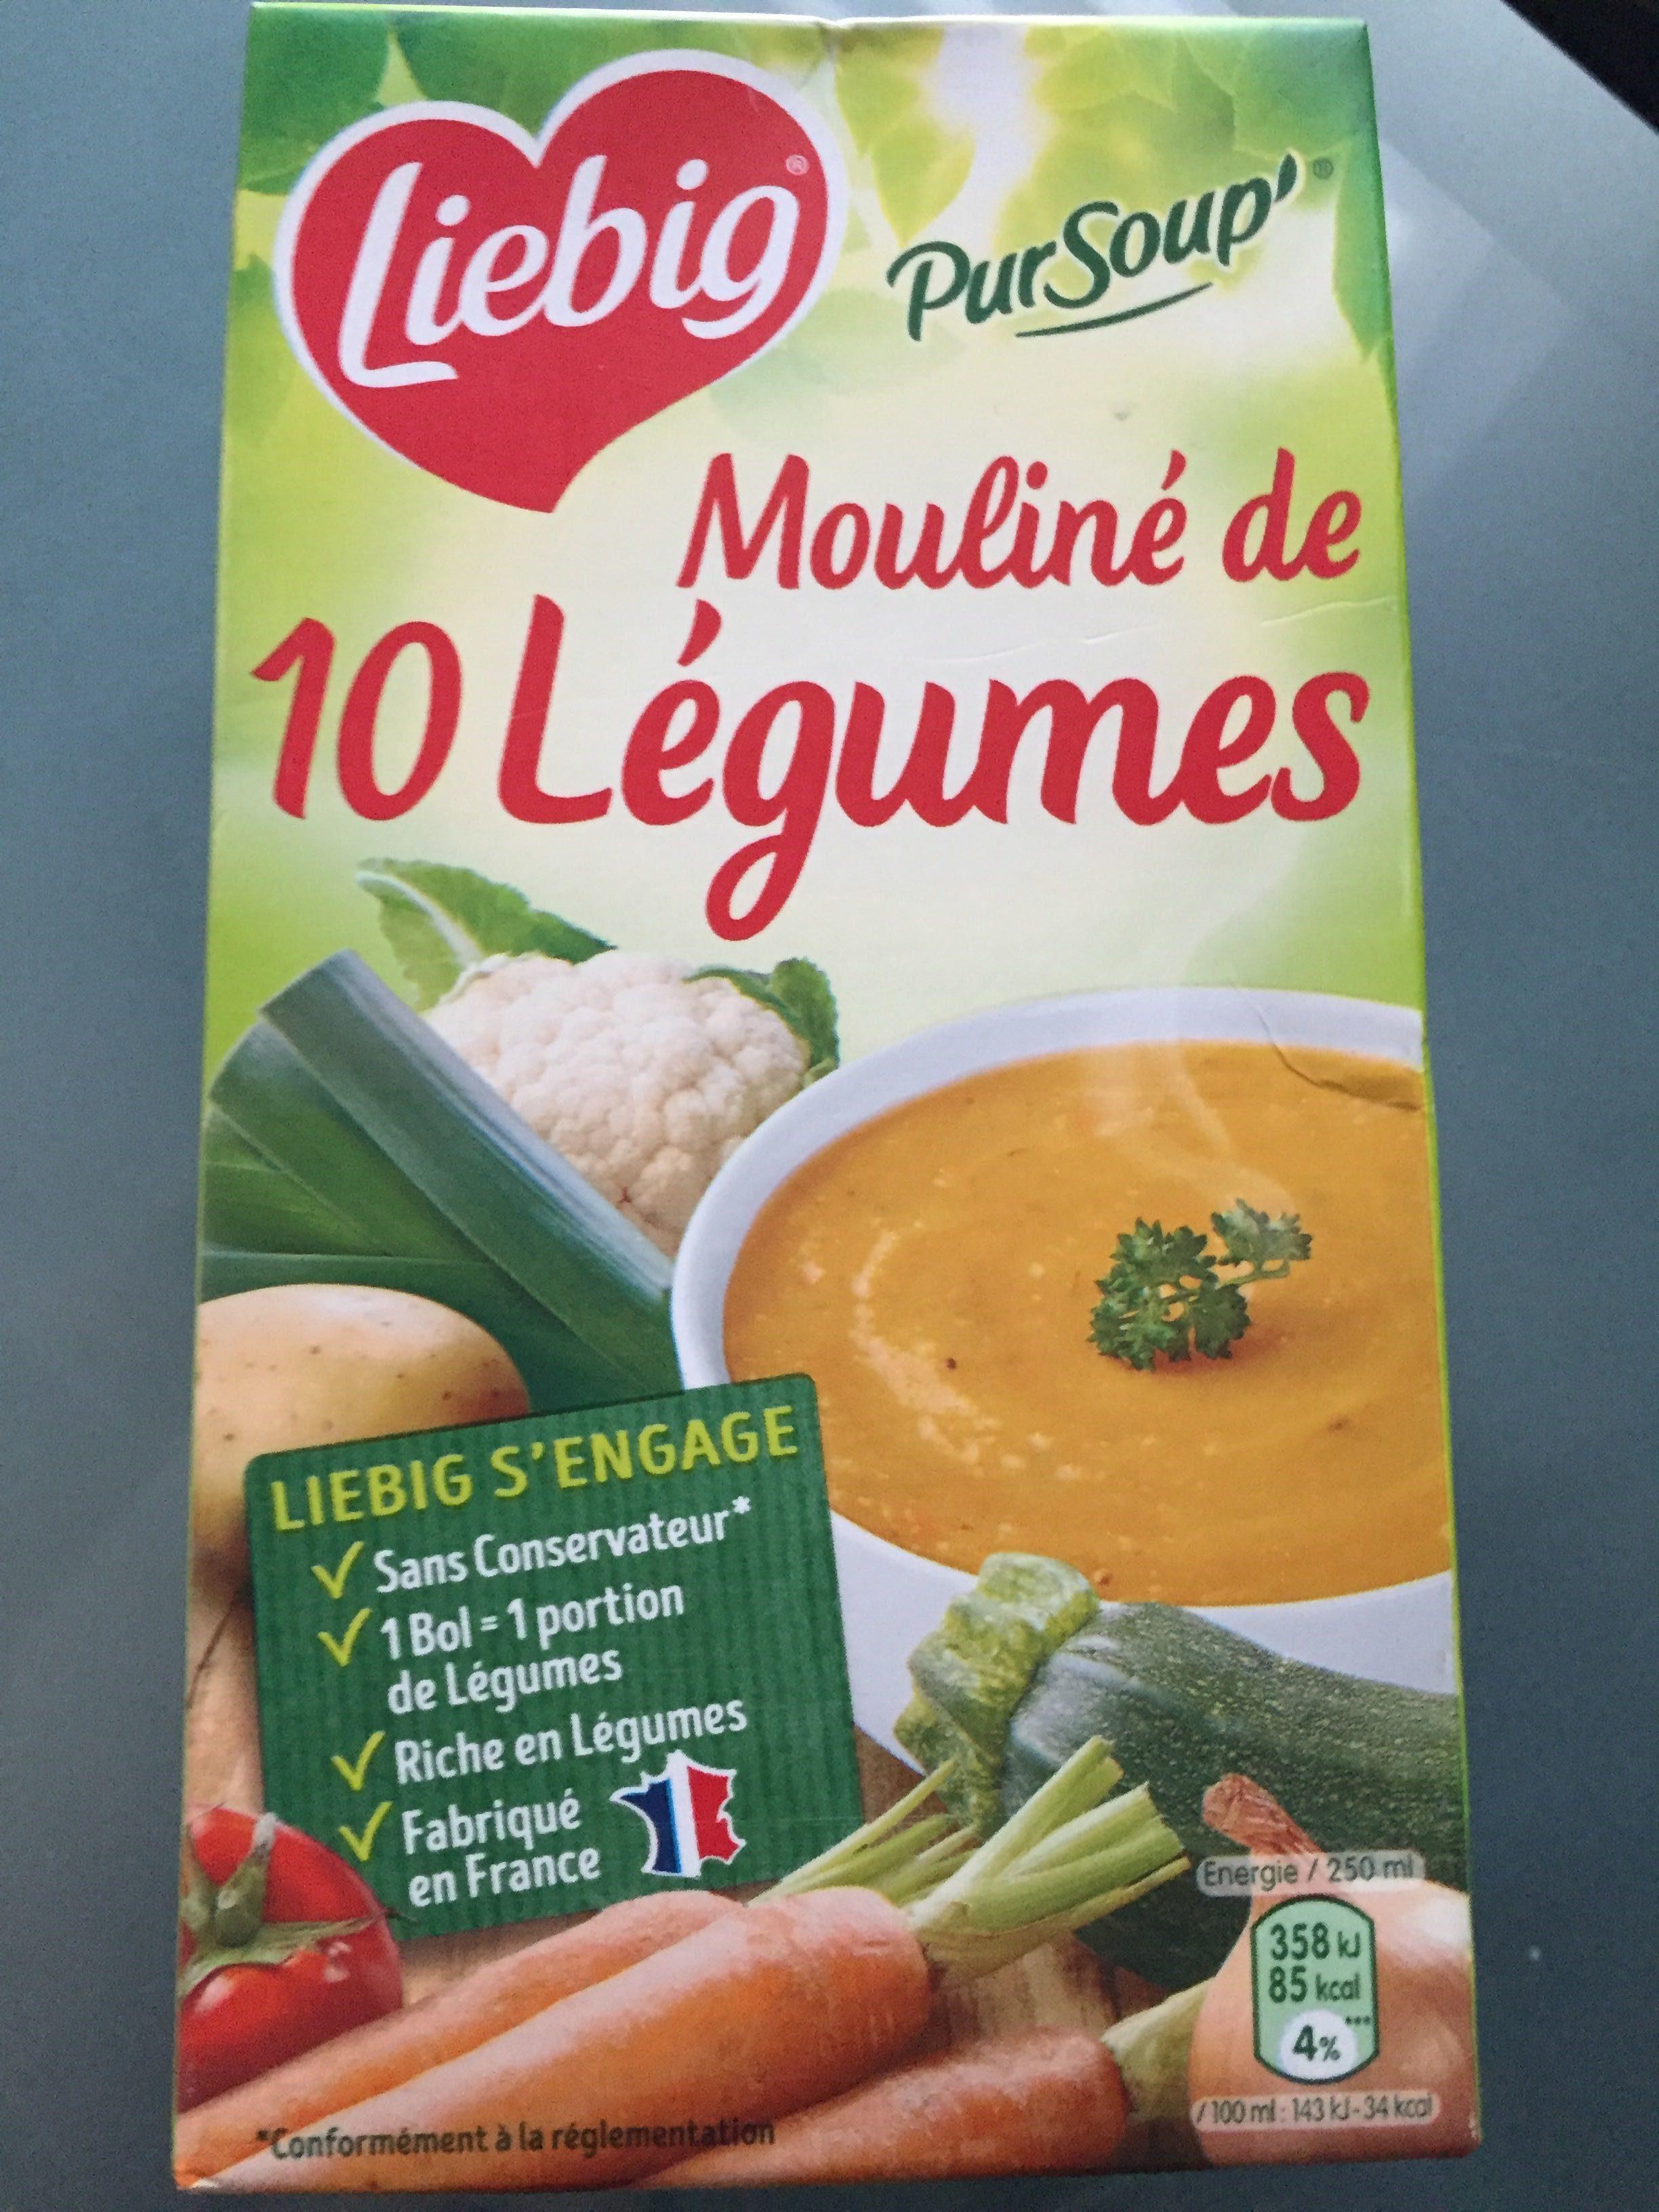 Mouliné de 10 légumes - Produit - fr